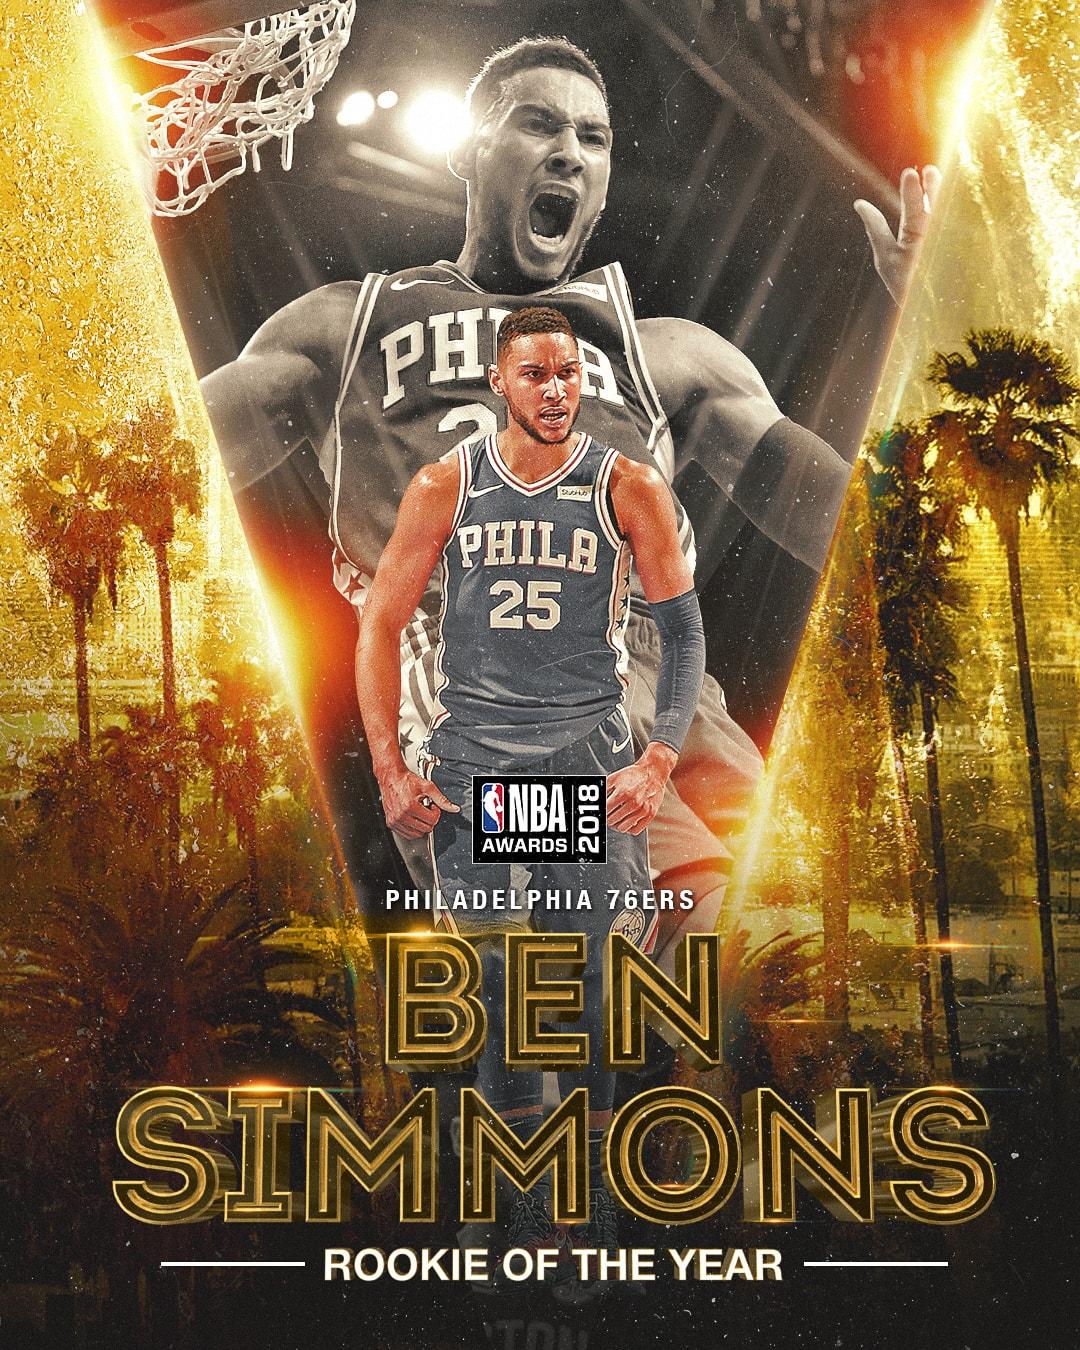 NBA Awards NBA Rookie of the Year Award-Ben Simmons